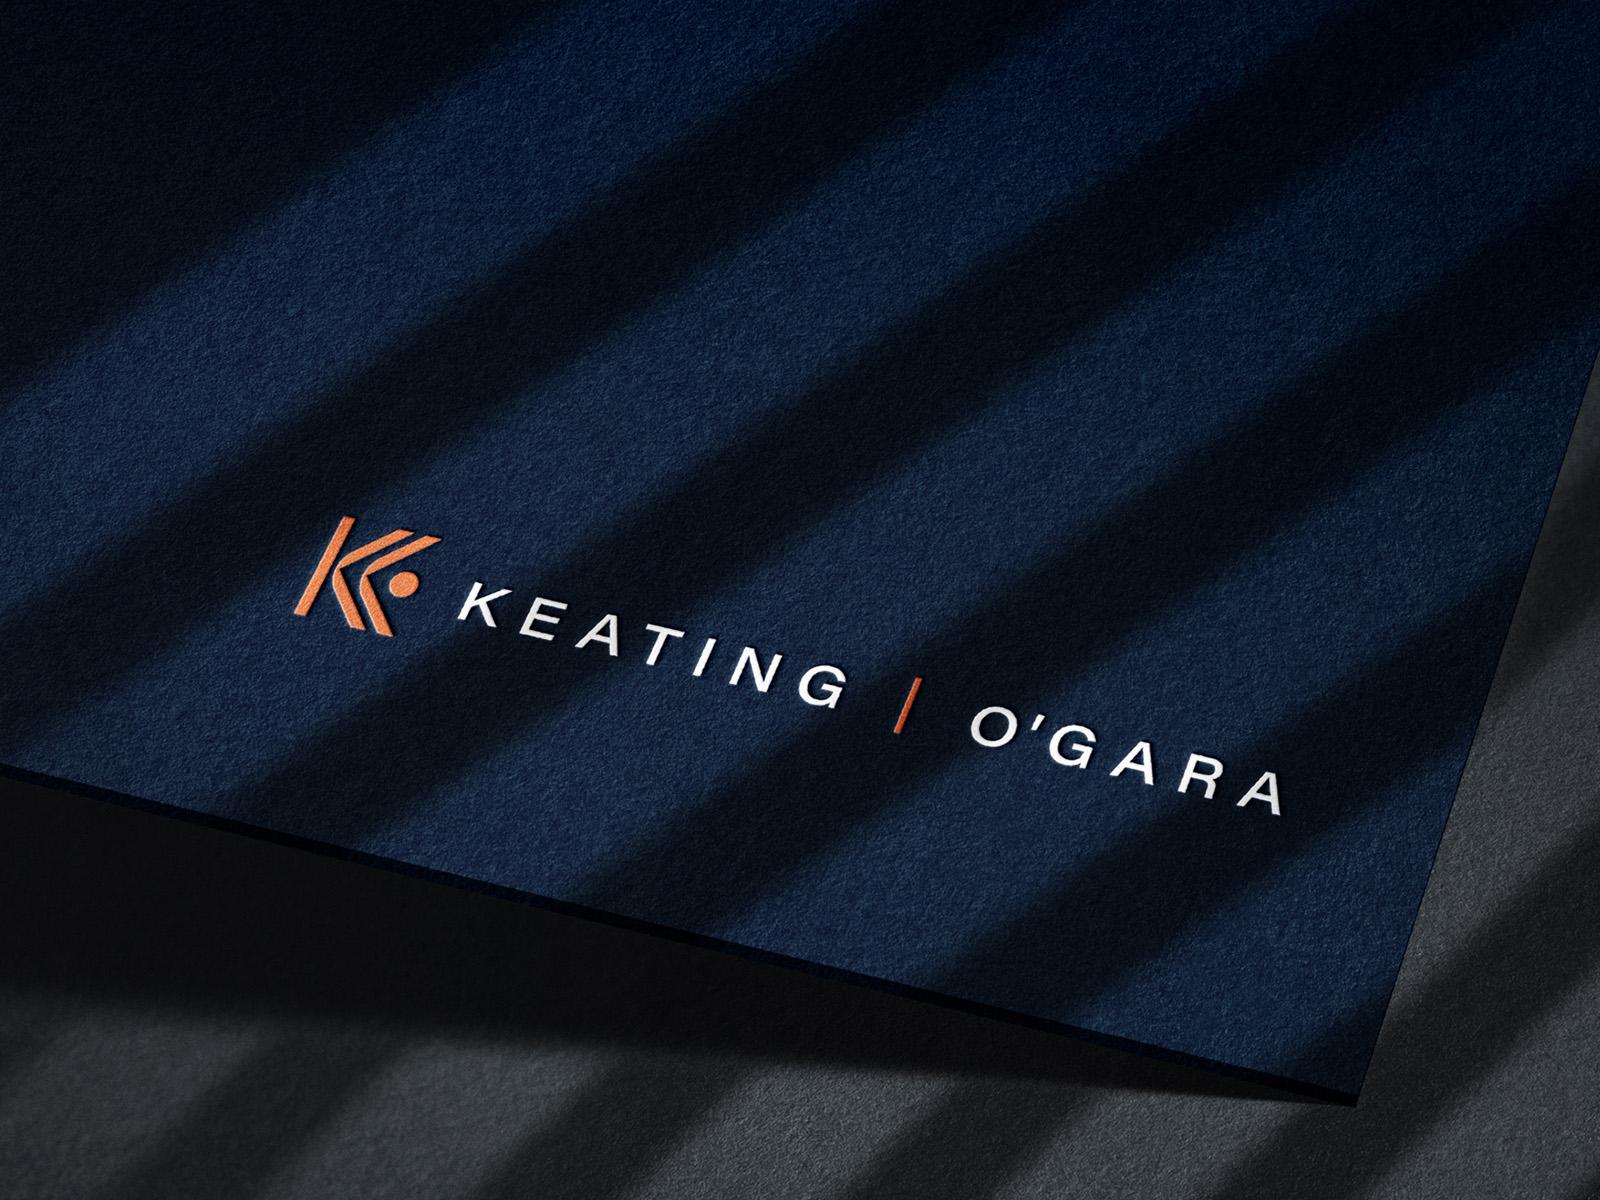 Keating O'Gara Law | Brand Identity